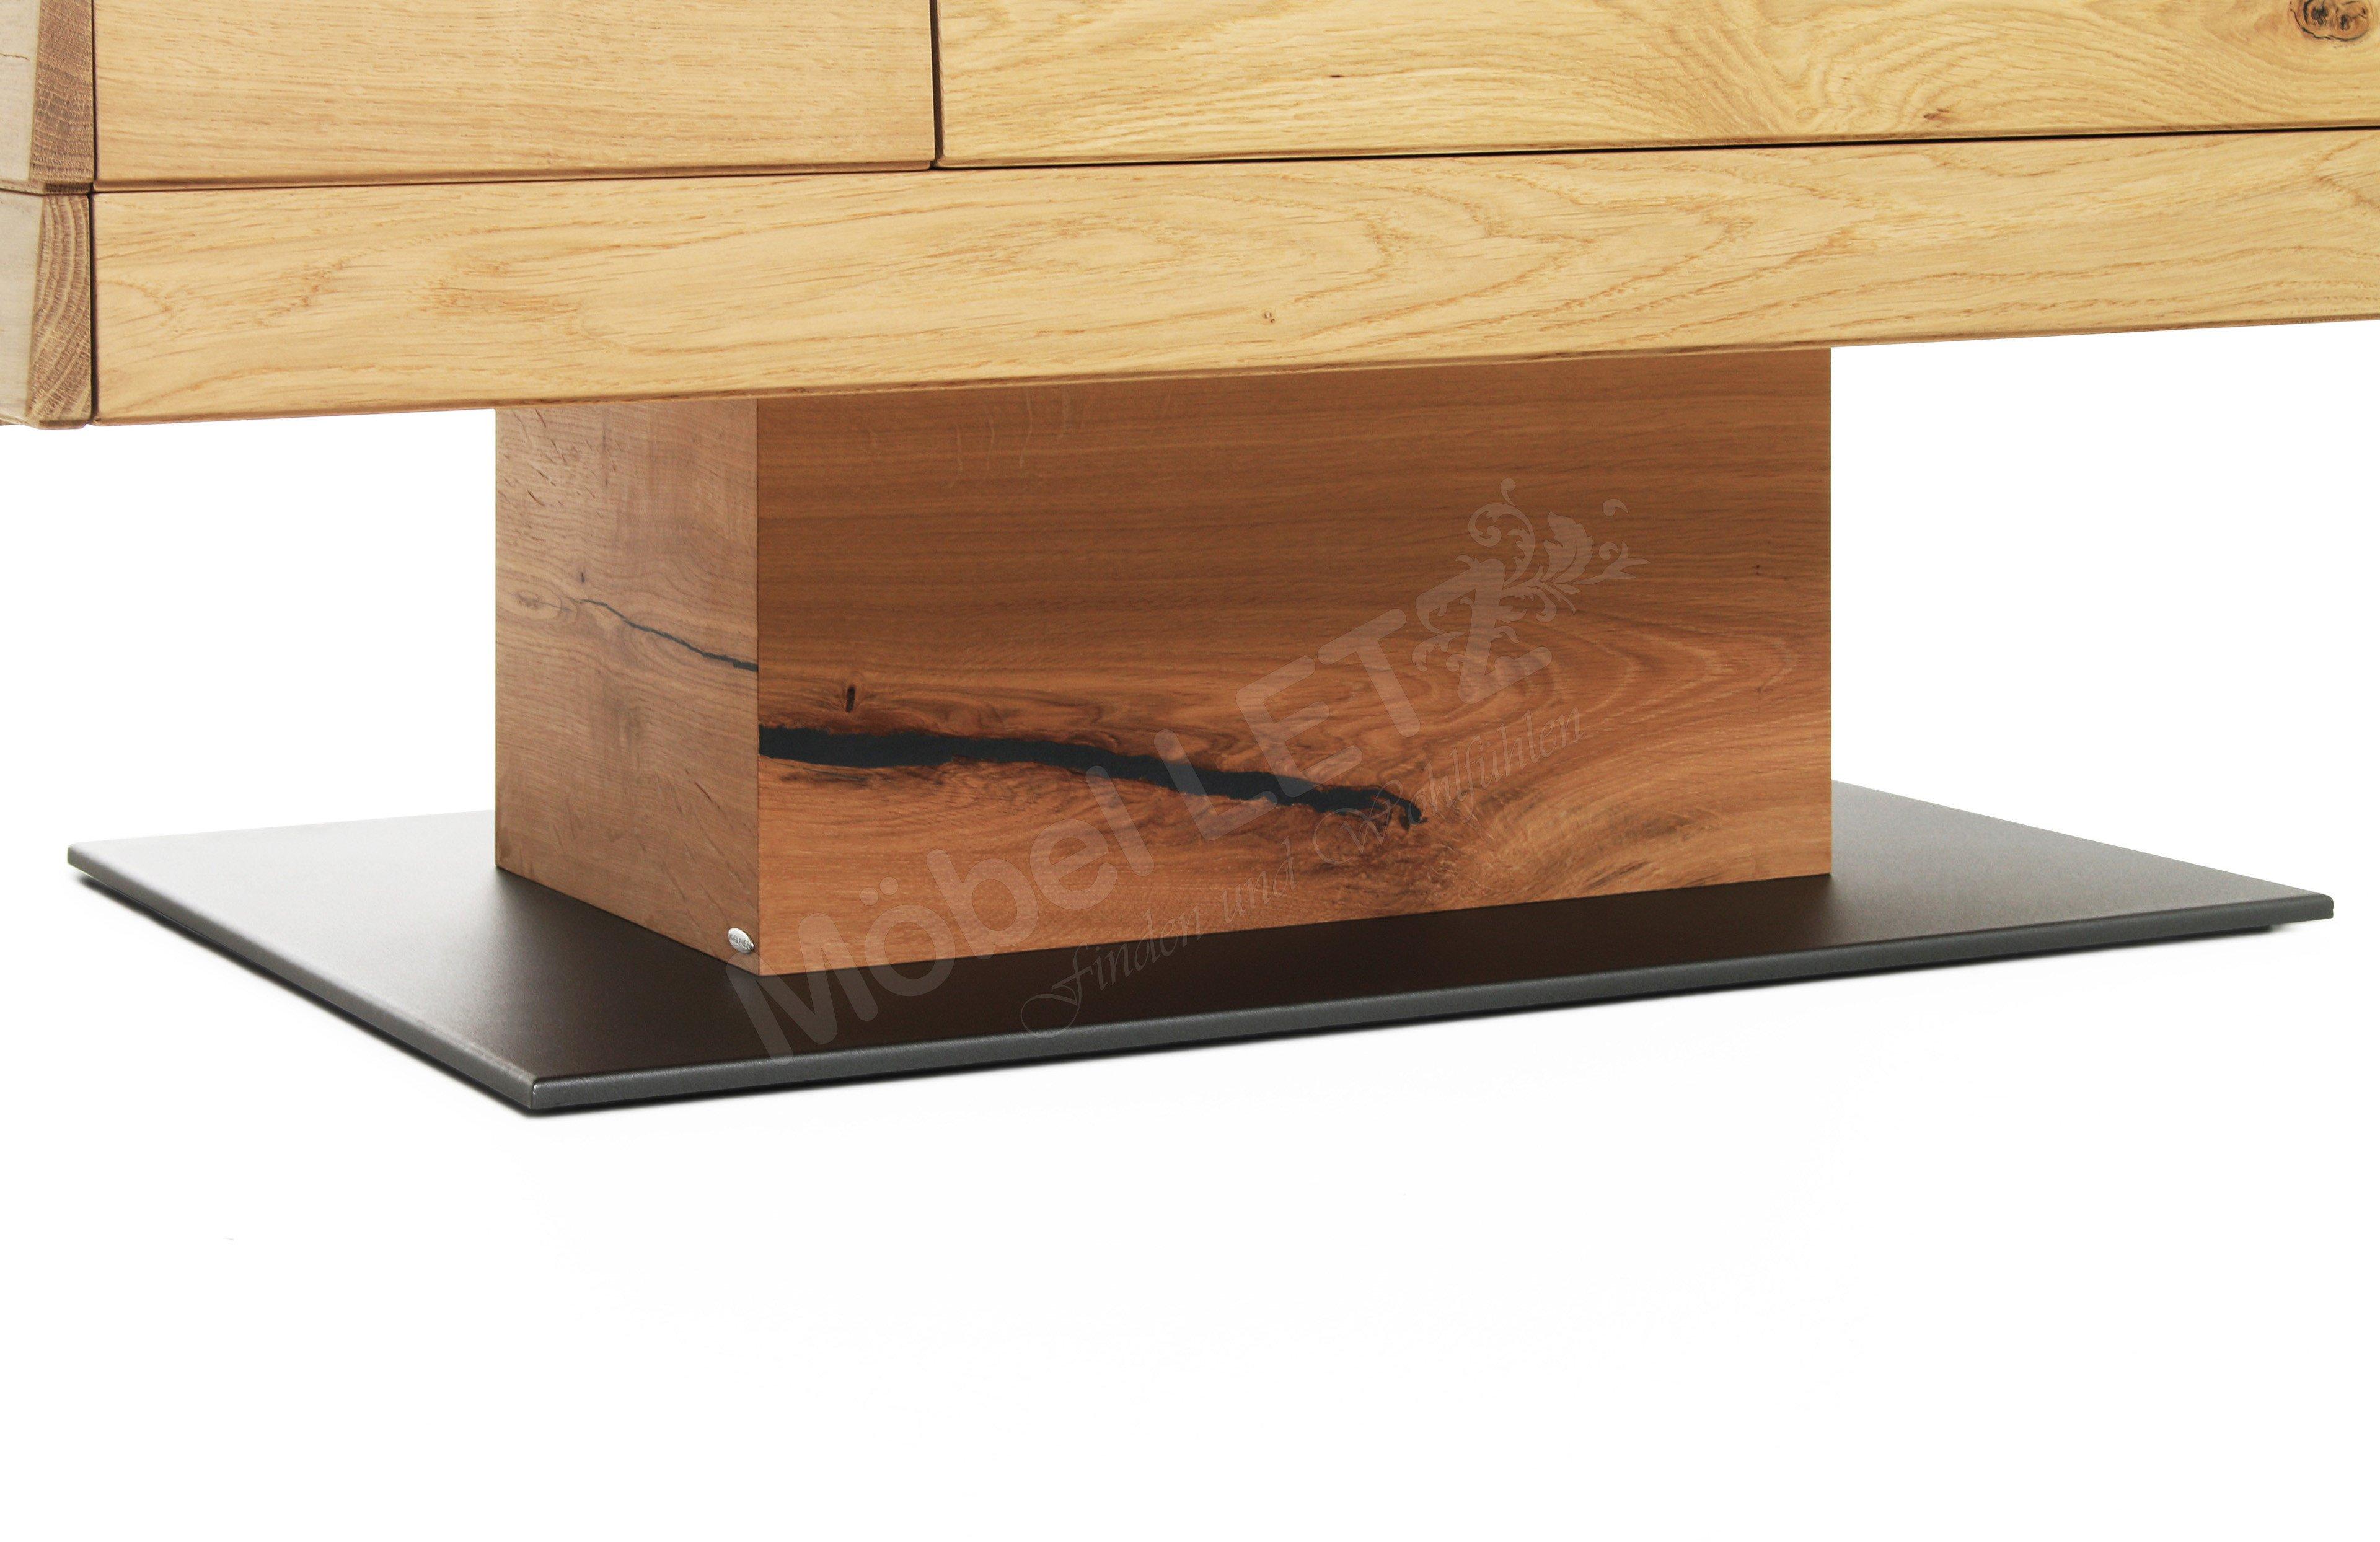 voglauer v organo couchtisch wildeiche rustiko l m bel letz ihr online shop. Black Bedroom Furniture Sets. Home Design Ideas